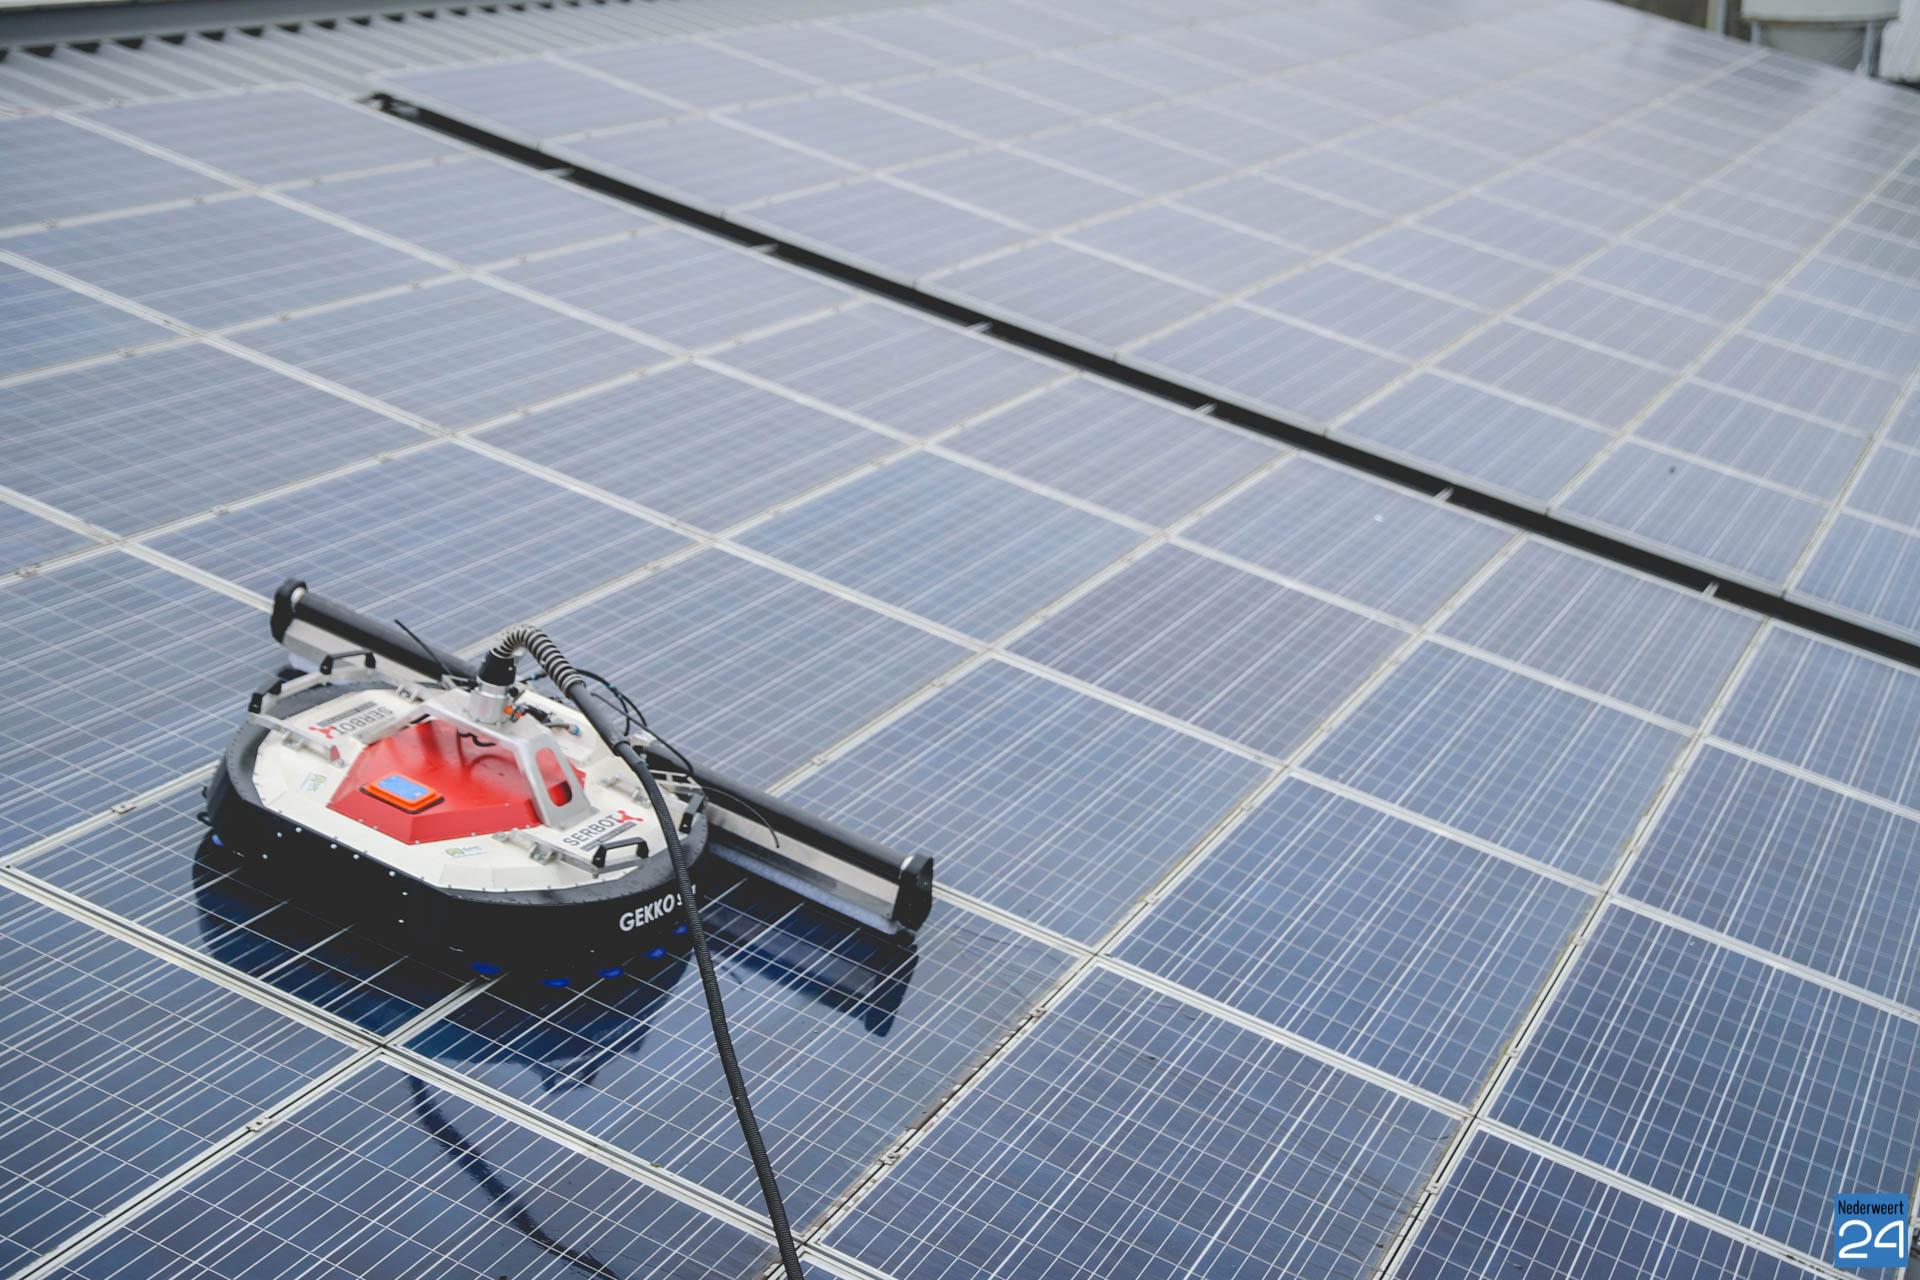 Reinigingsrobot van SPC heeft inmiddels de eerste daken met zonnepanelen gereinigd - Nederweert24